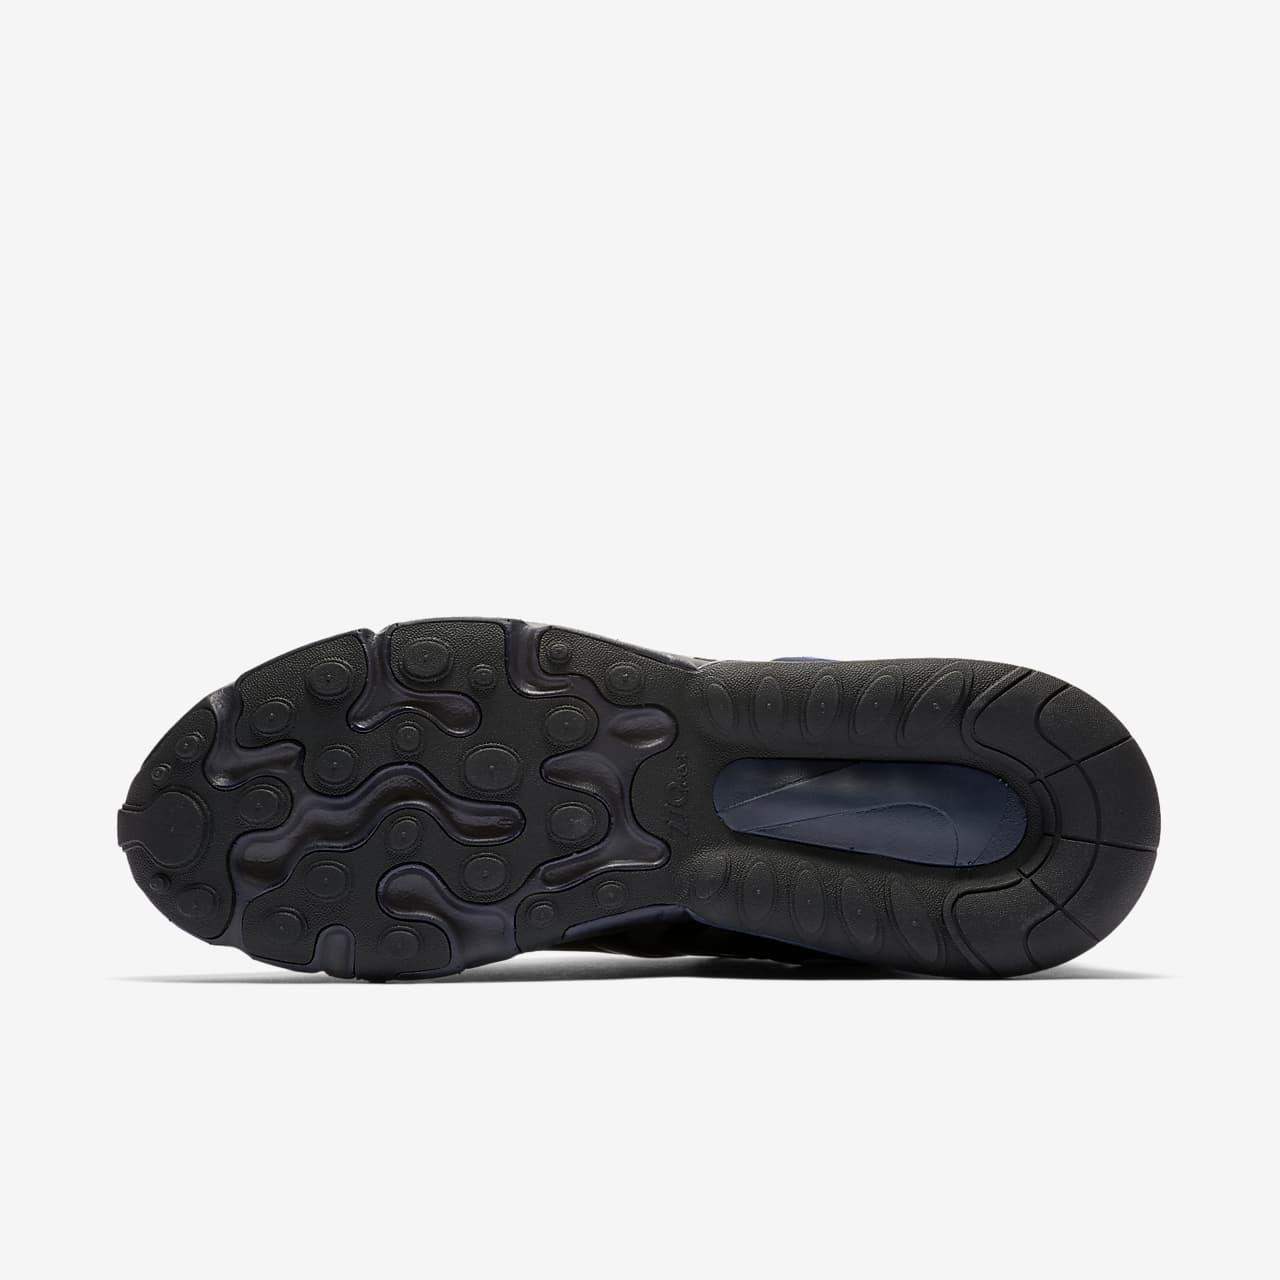 Calzado para hombre Nike Air Max 270 React ENG